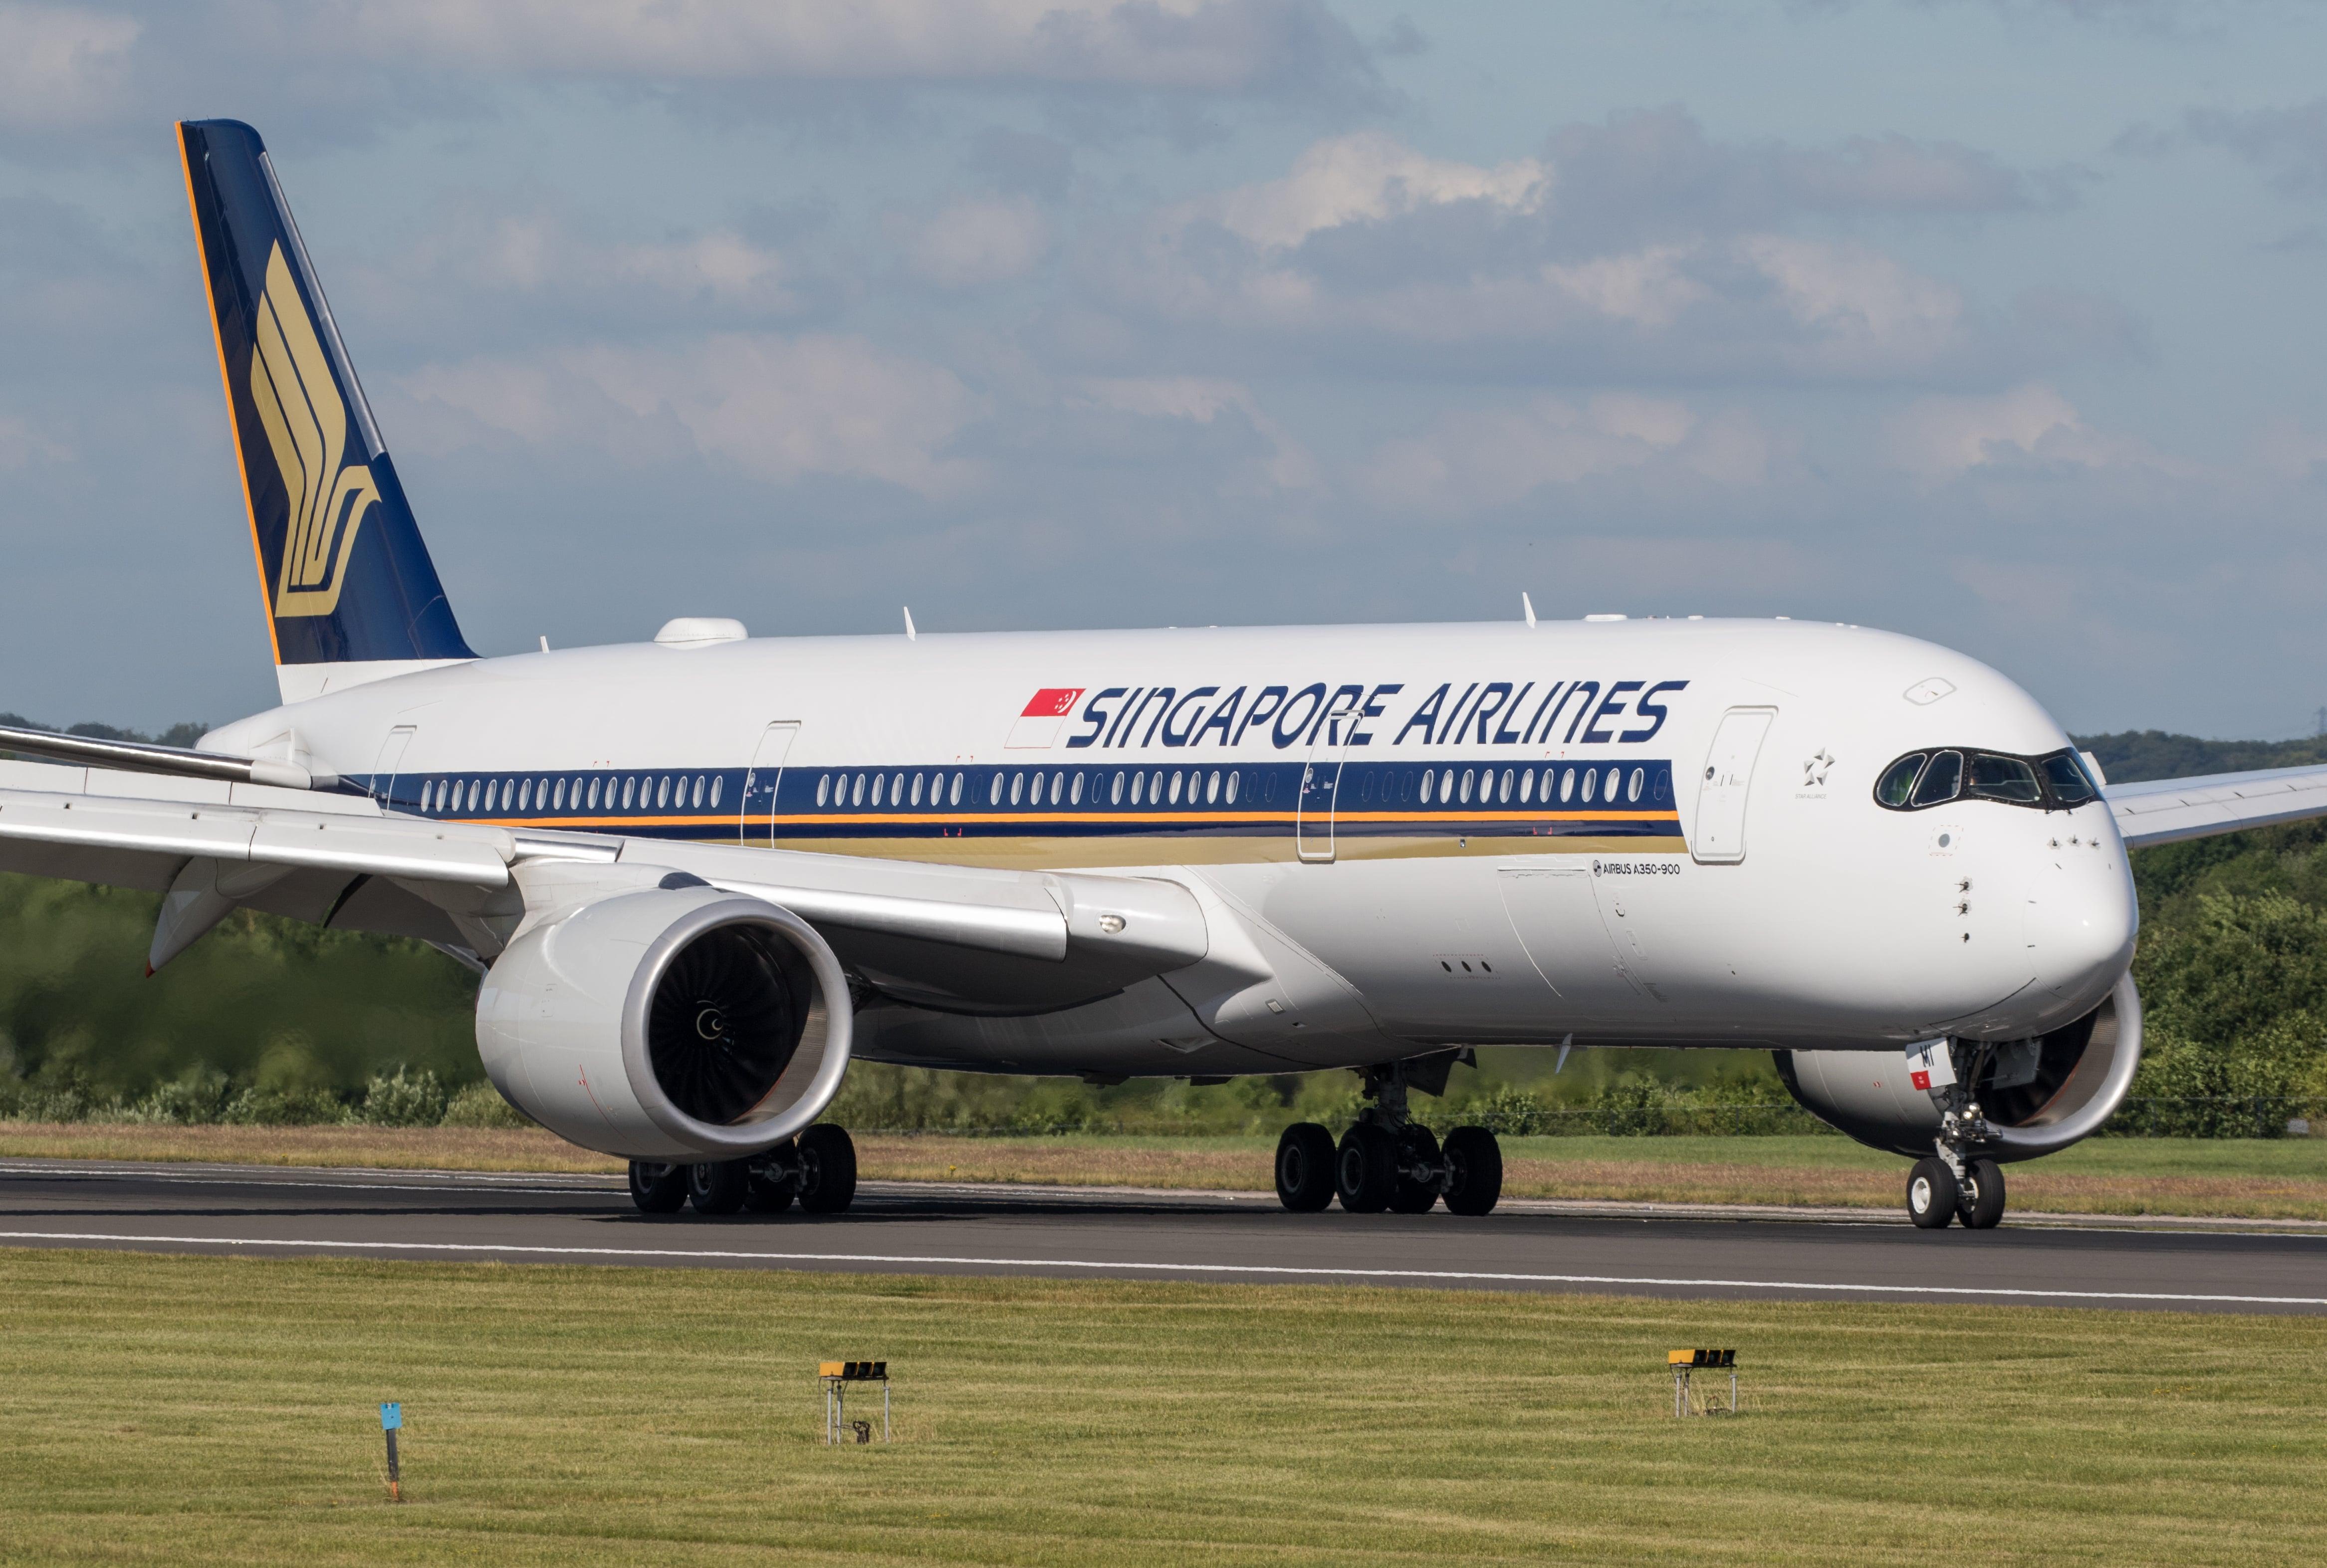 シンガポール航空(SQ)のエアバス A350-900ULR 就航路線まとめ(2019年11月版)